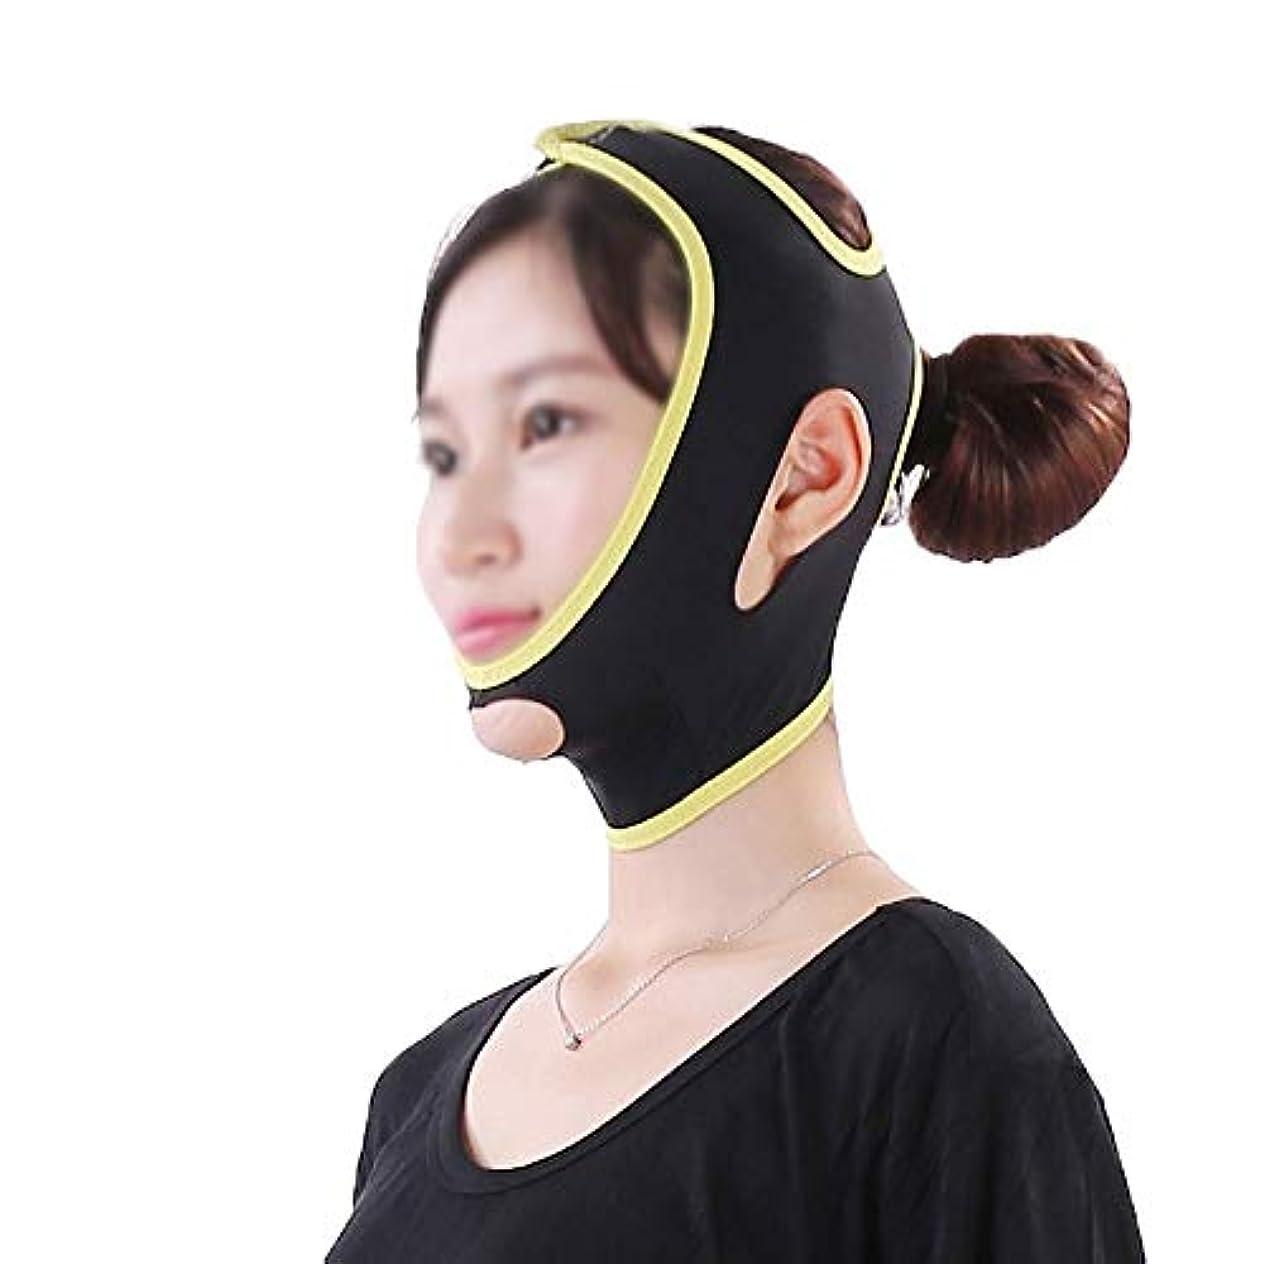 パウダーエコーフラッシュのように素早くGLJJQMY フェイス&ネックリフトシンフェイスマスクパワフルマスクフェイスリフトアーチファクトフェイスリフトフェイスツールシンフェイス包帯シンフェイスマスク美容マスク 顔用整形マスク (Size : L)